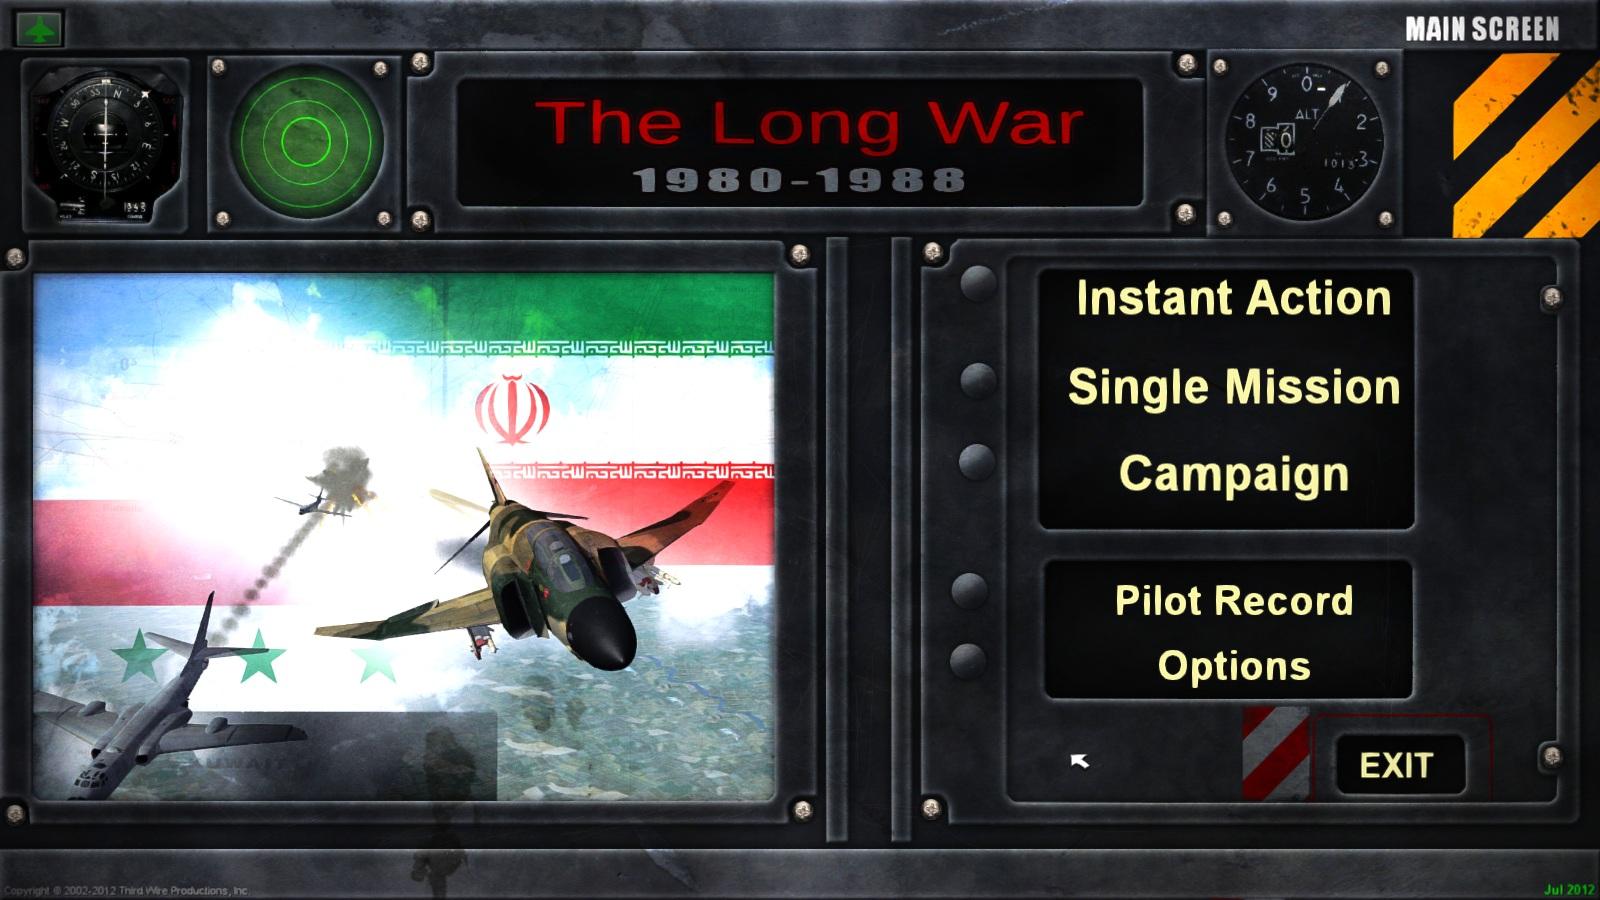 iraniraq 37